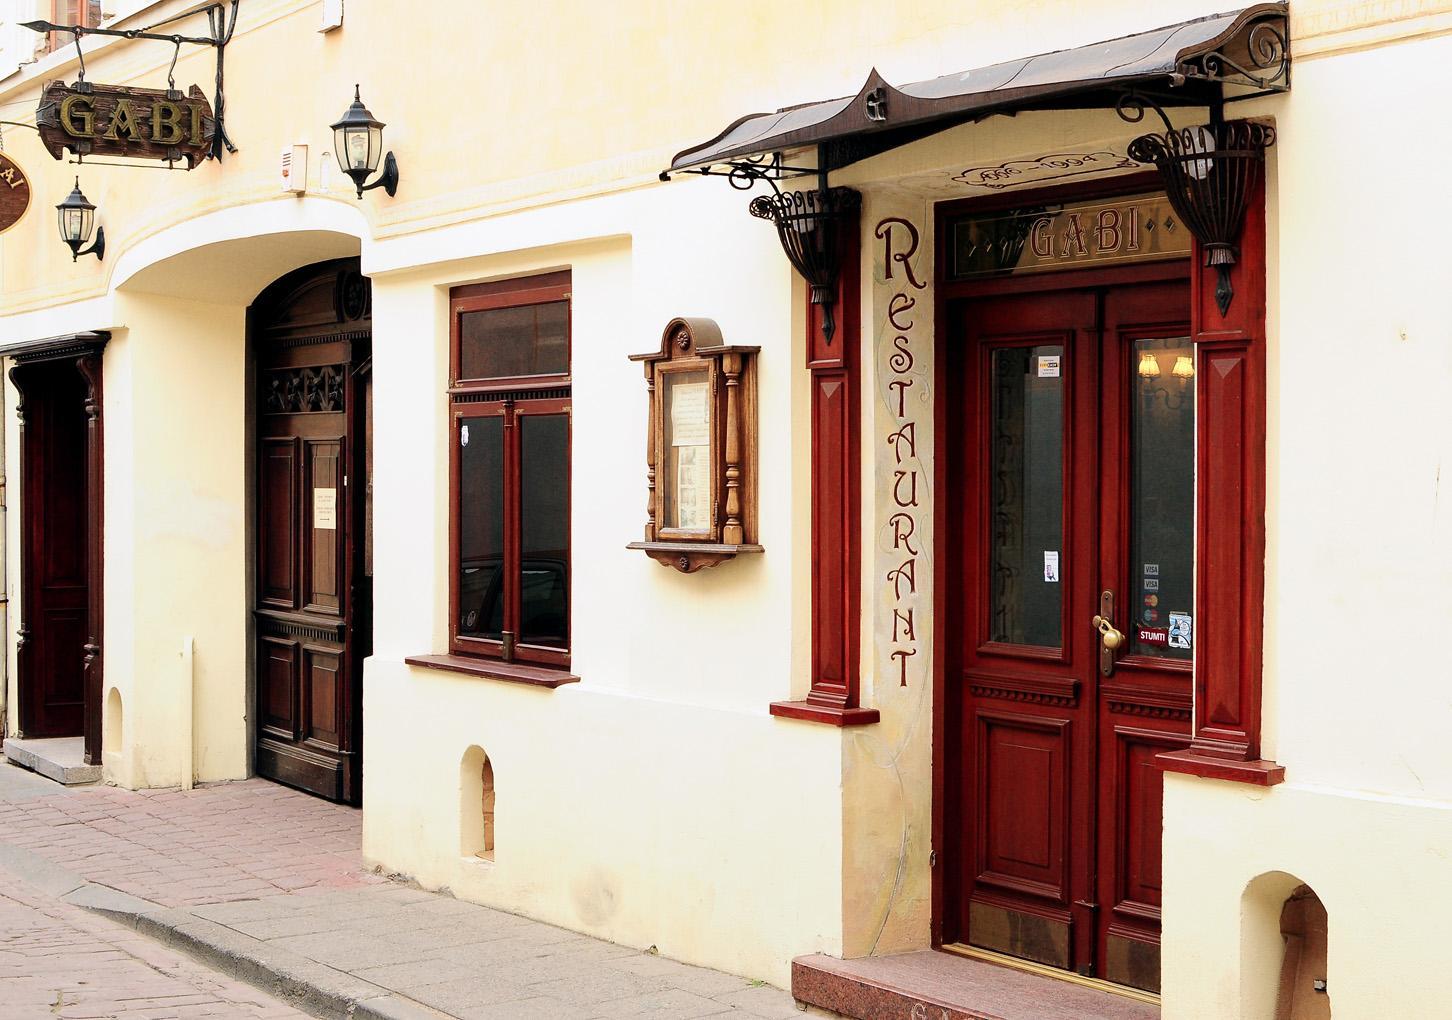 Ресторан «Gabi», или Двадцать лет спустя